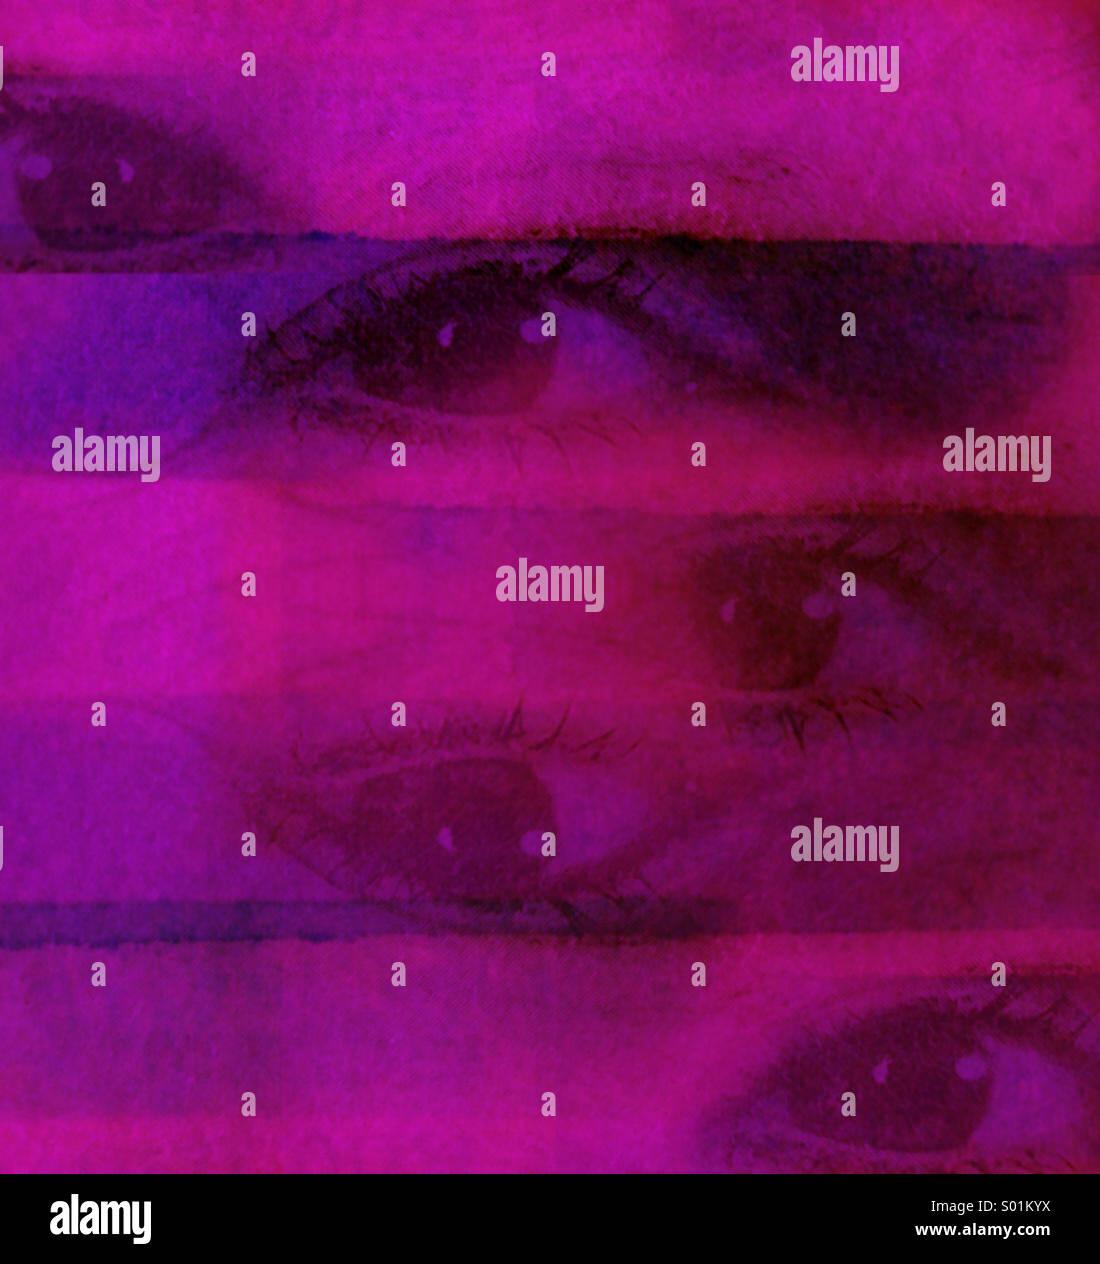 Pink eyes - Stock Image